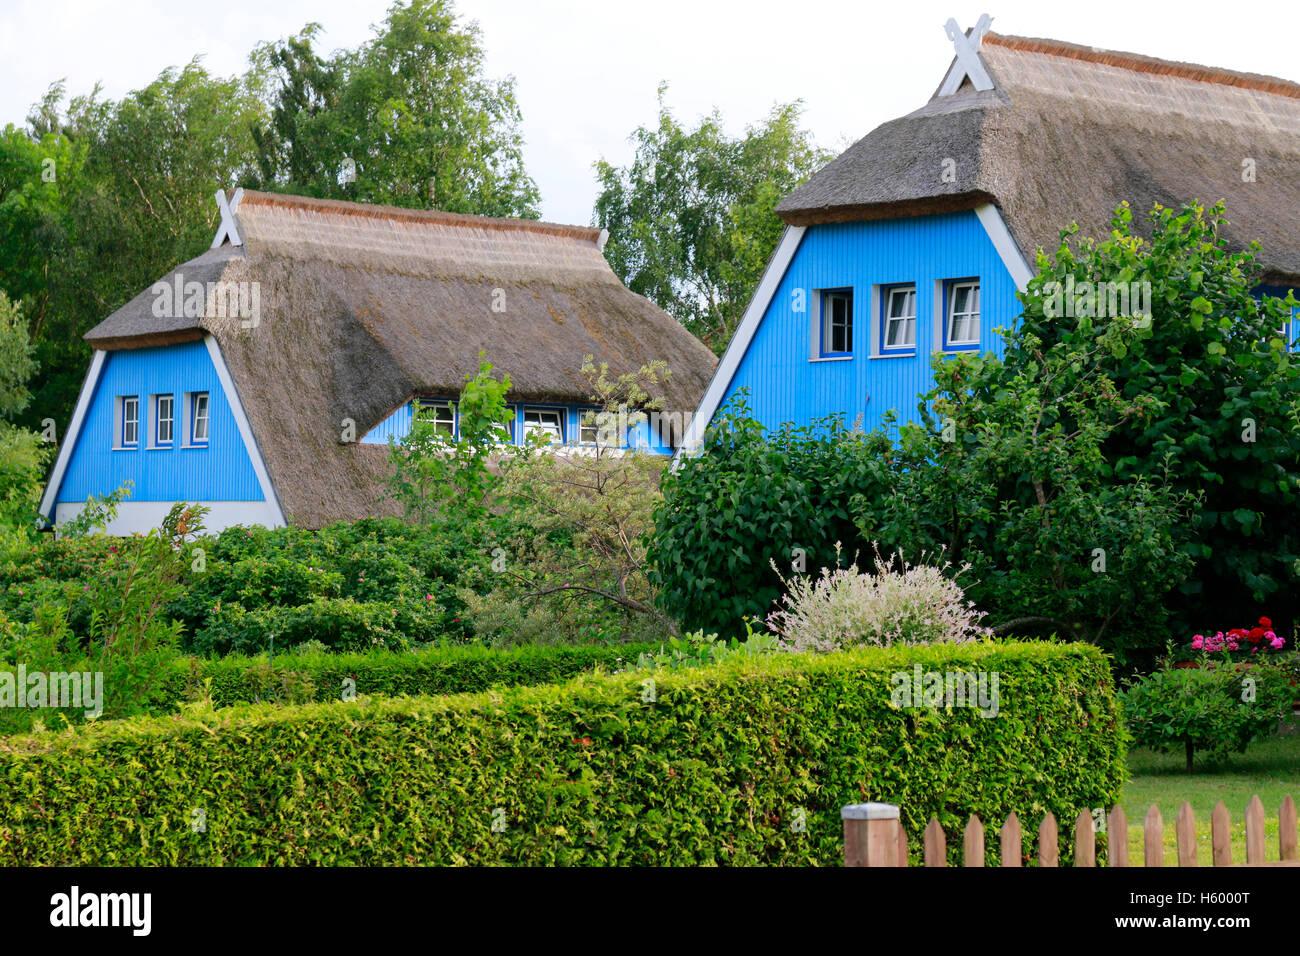 Impressionen: Die Blaue Scheune, Vitte, Hiddensee. - Stock Image